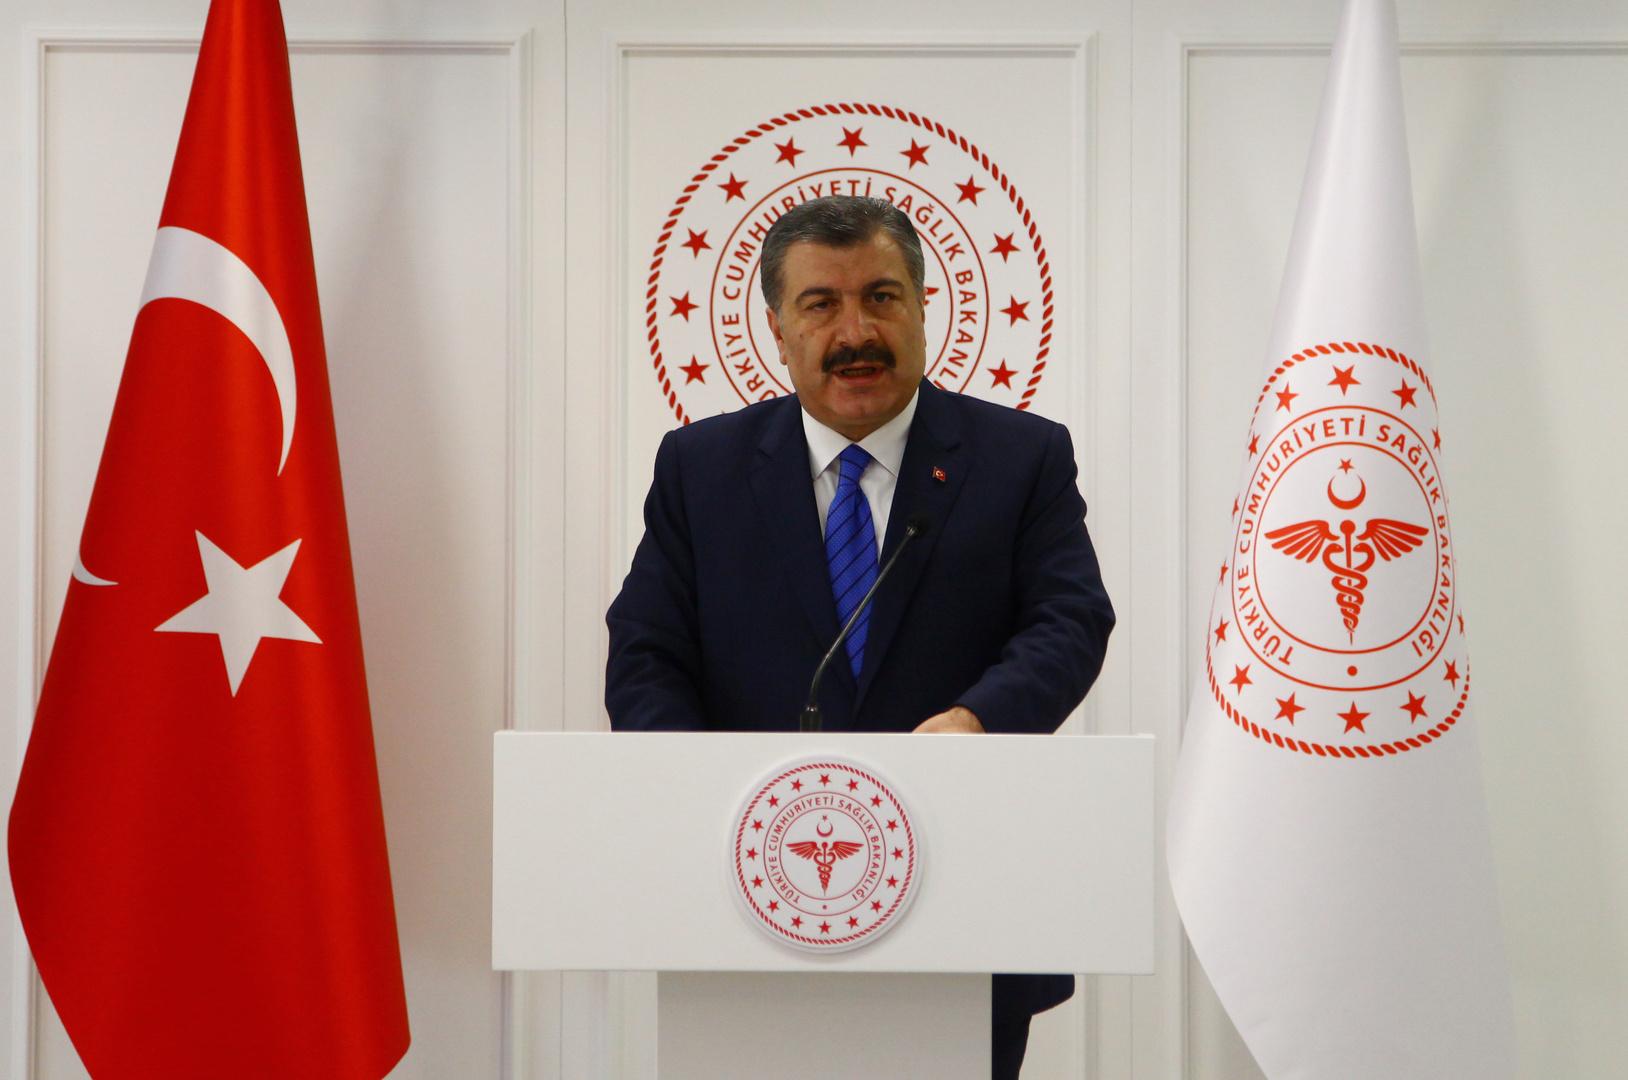 تركيا تؤكد عدم رصد إصابات بكورونا في أراضيها وتنصح مواطنيها بعدم السفر للخارج